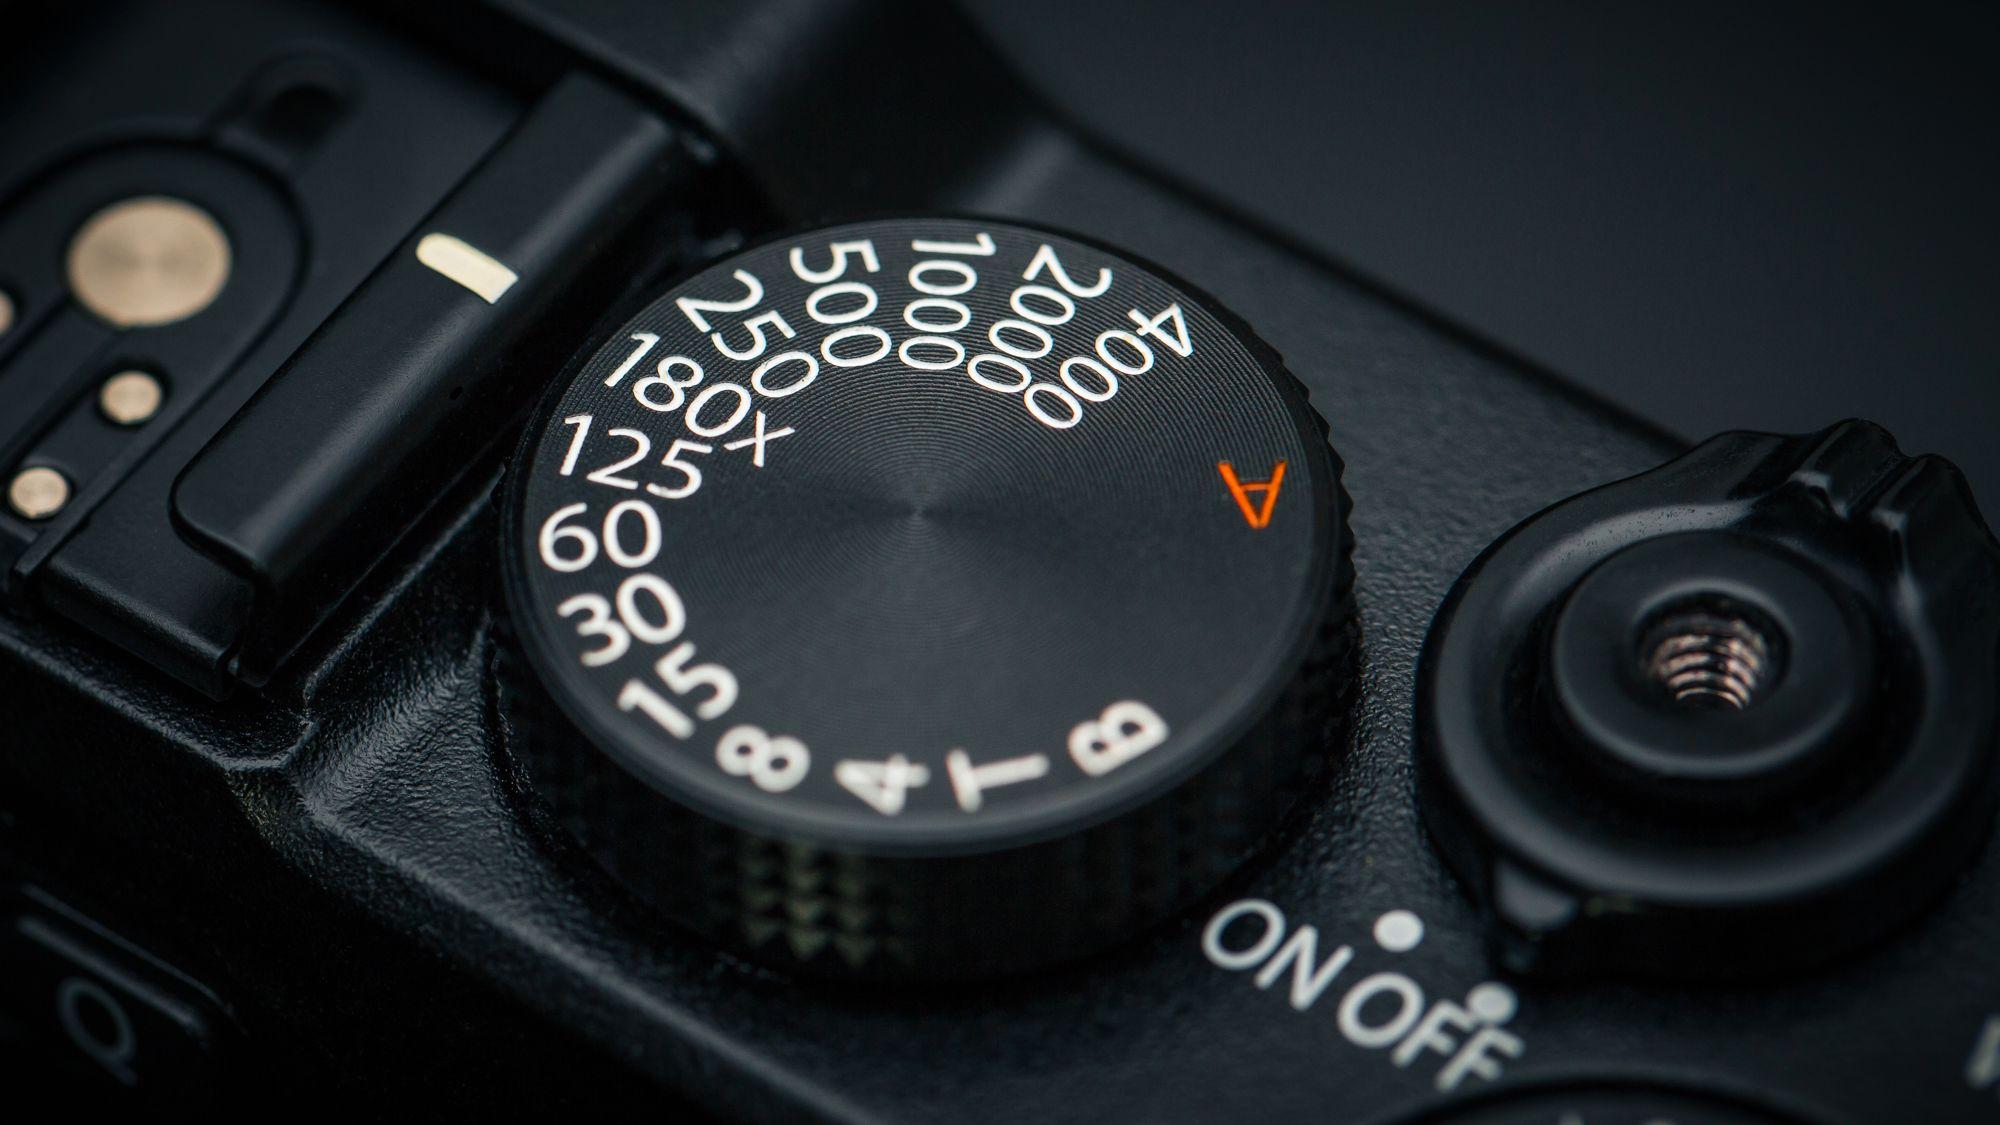 X-E2s lukkertidshjul. (Foto: Johannes Granseth)